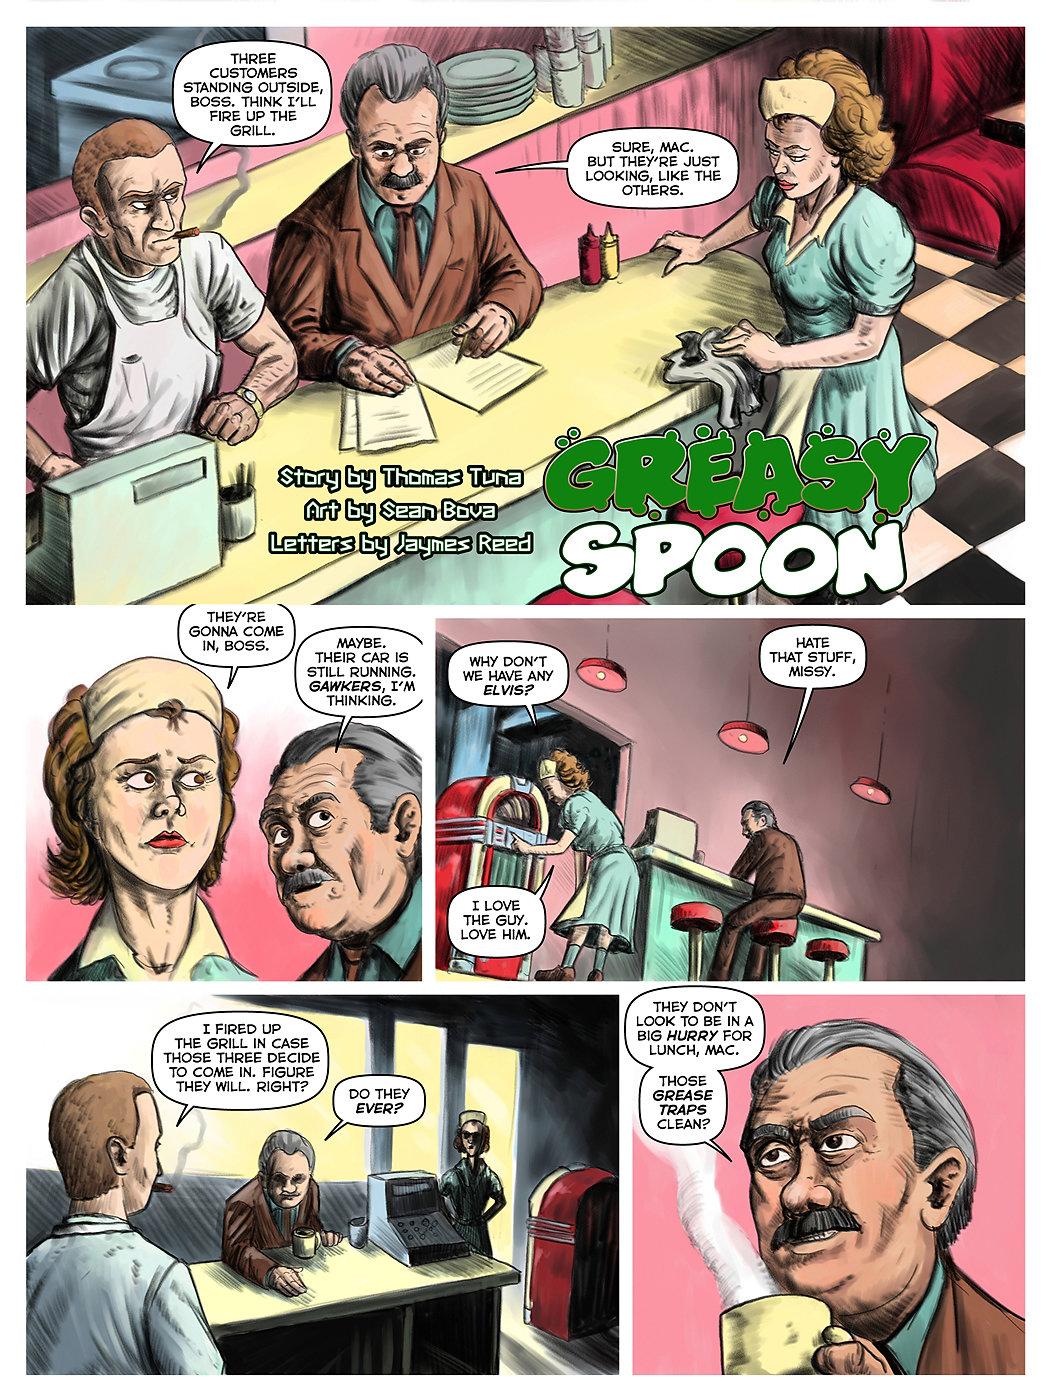 GreasySpoon_Page01.jpg